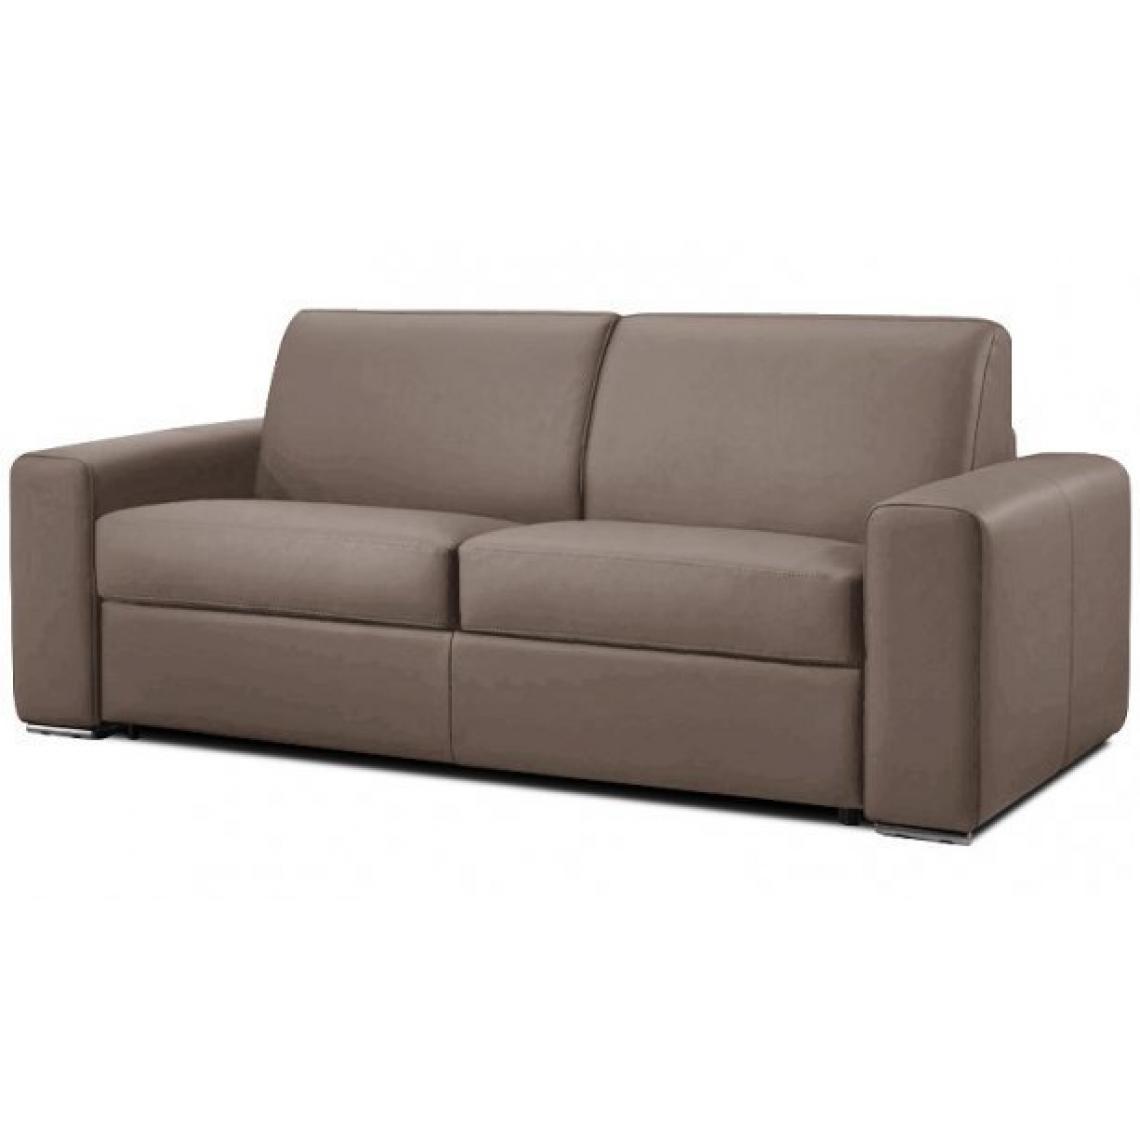 canap convertible en cuir julot cuir 3suisses. Black Bedroom Furniture Sets. Home Design Ideas